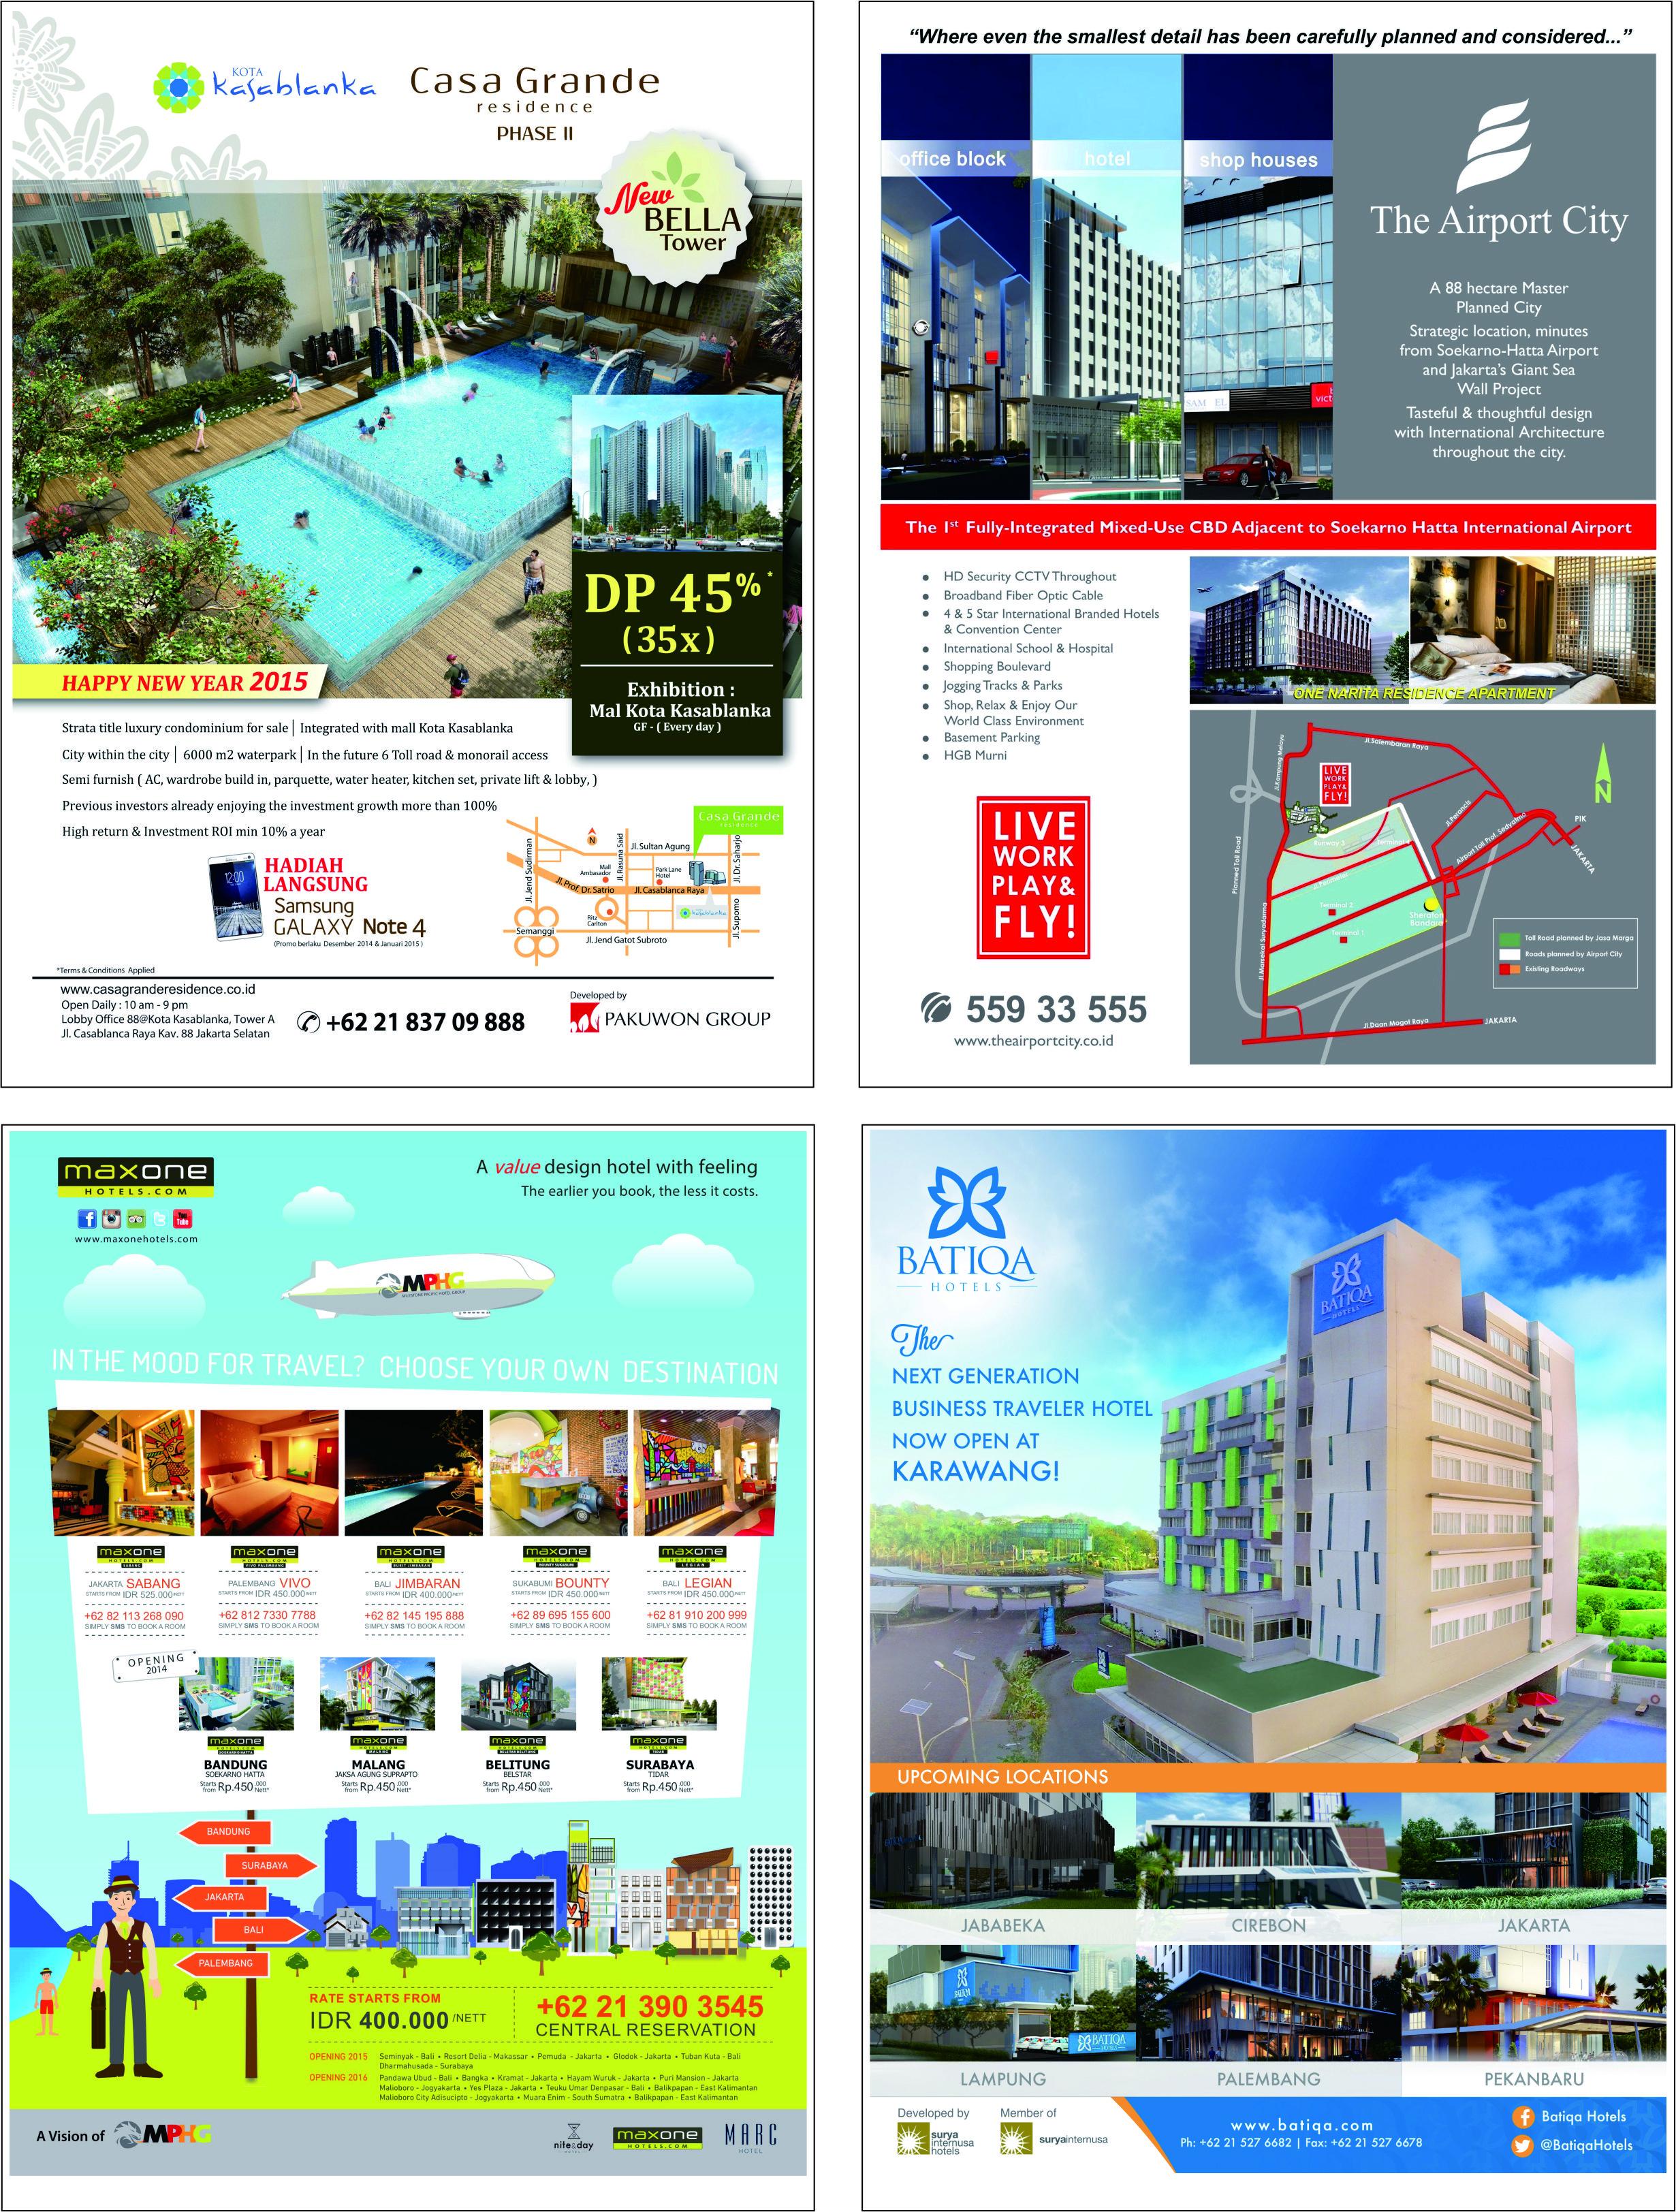 Contoh iklan properti dan hotel di majalah & koran